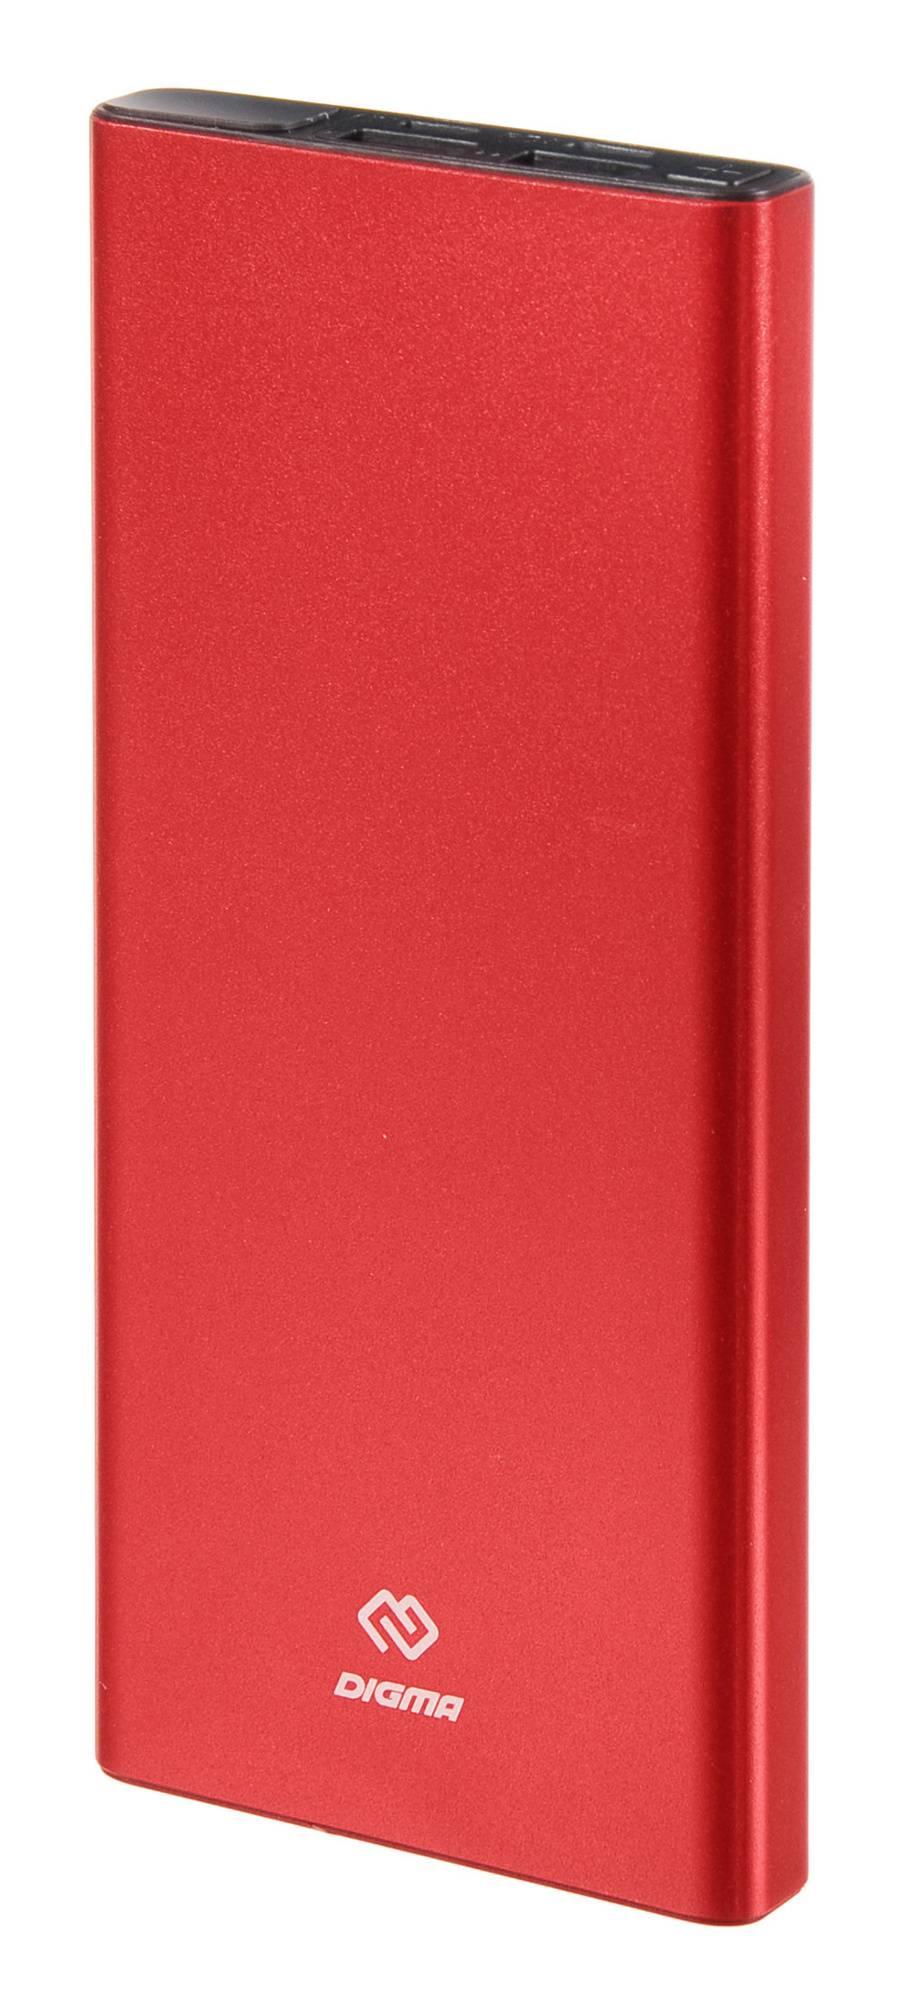 Мобильный аккумулятор DIGMA Power Delivery DGT-10000-RD QC 4.0 PD(22.5W) красный (DGT-10000-RD) - фото 1